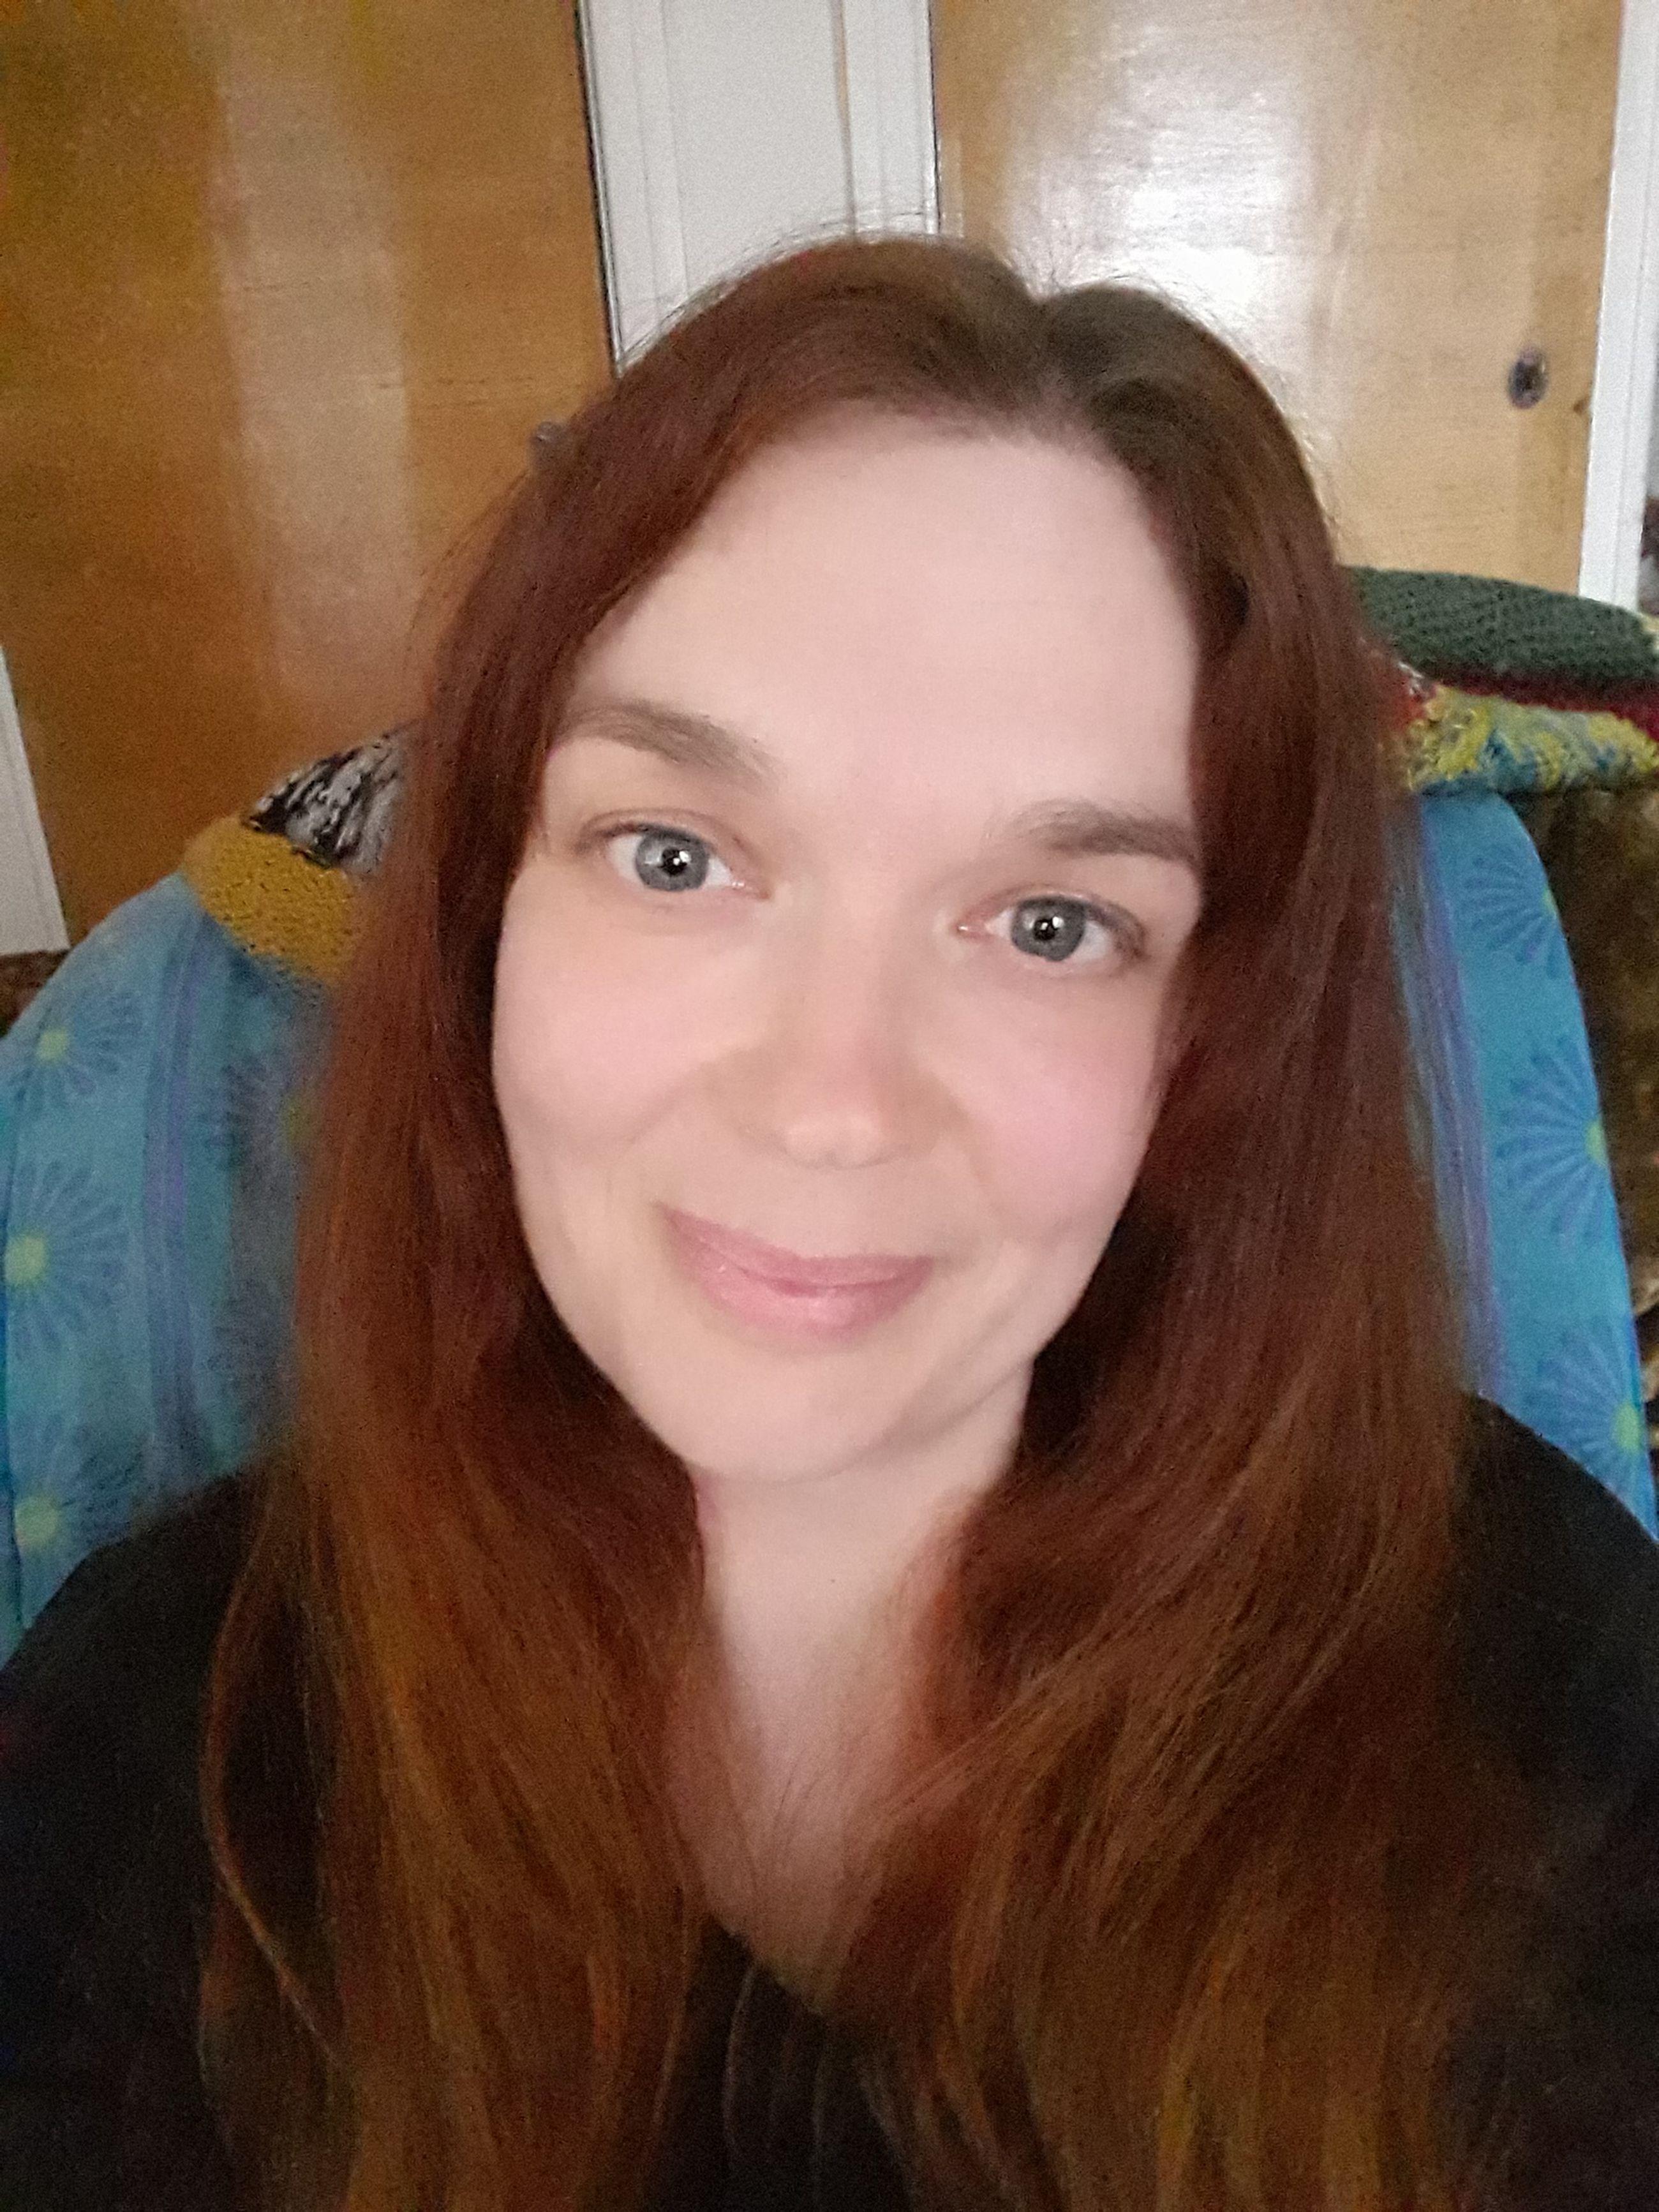 ruotsalaiset naiset etsii seksiä raahe nopeat deitit peruminen